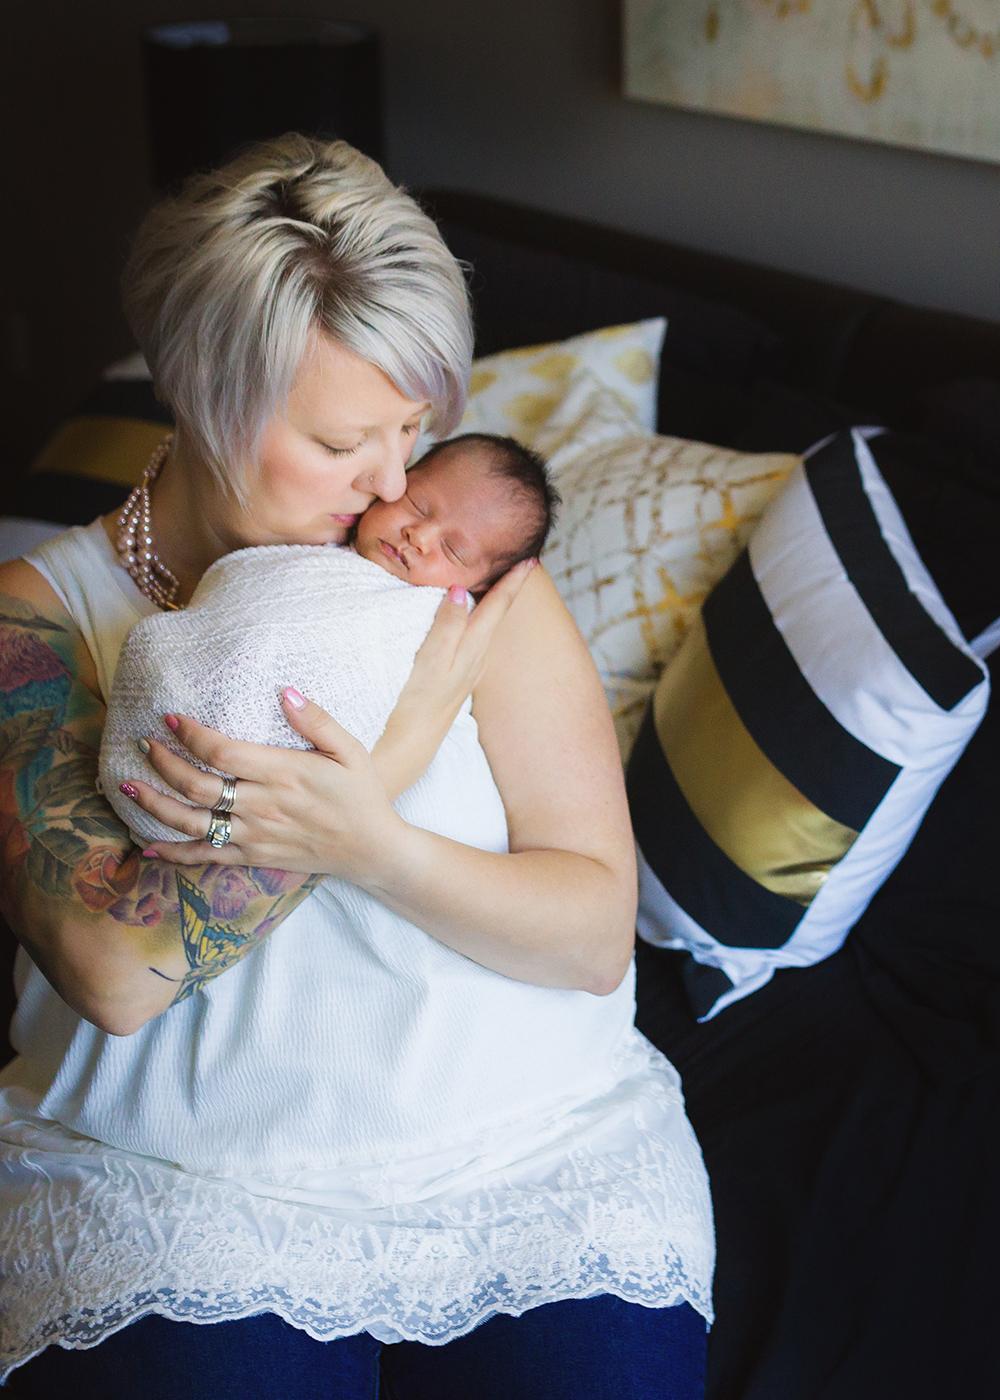 Edmonton Newborn Photographer_Baby Laila Sneak Peek 2.jpg